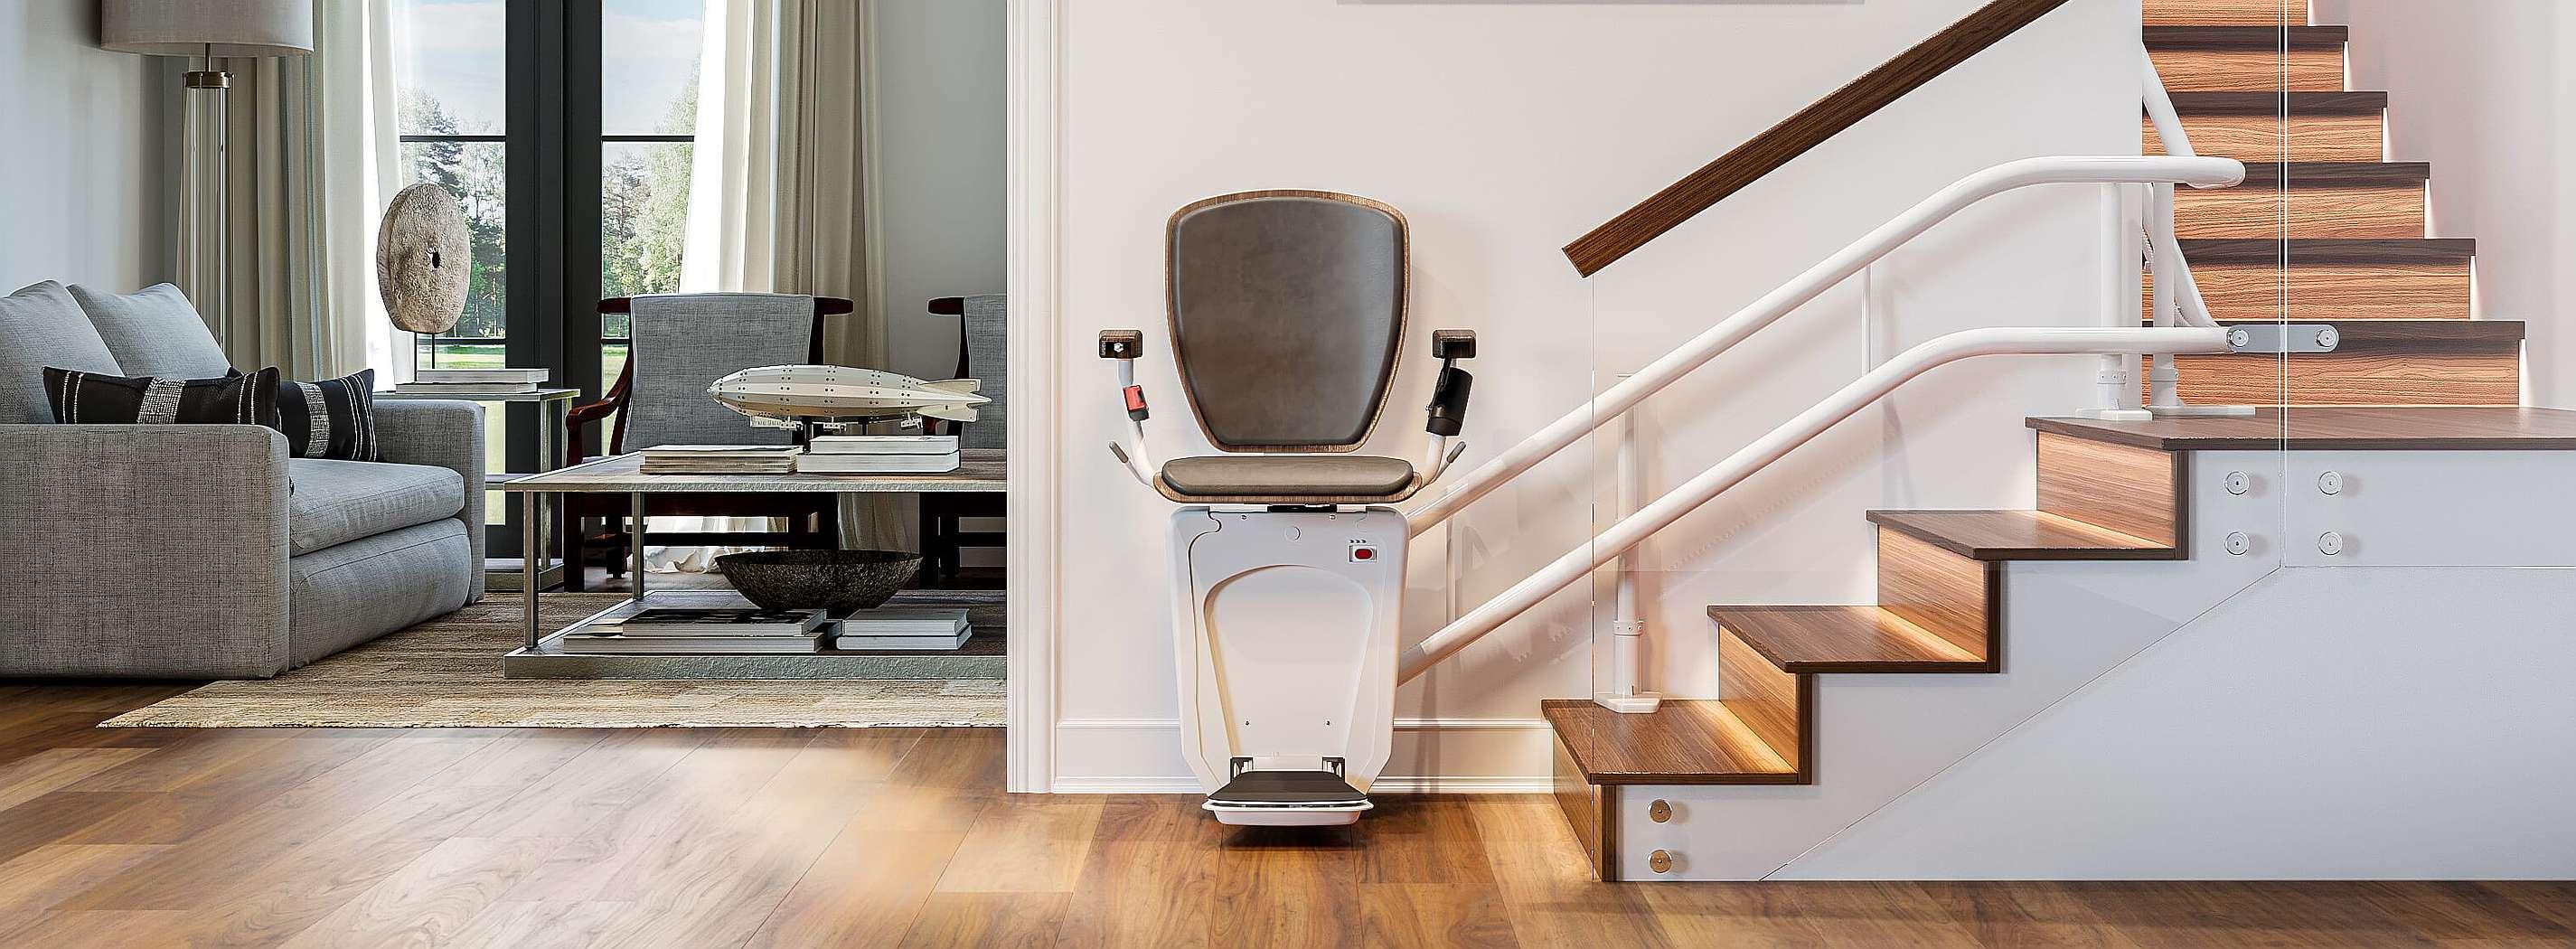 Monte escalier siège électrique prix